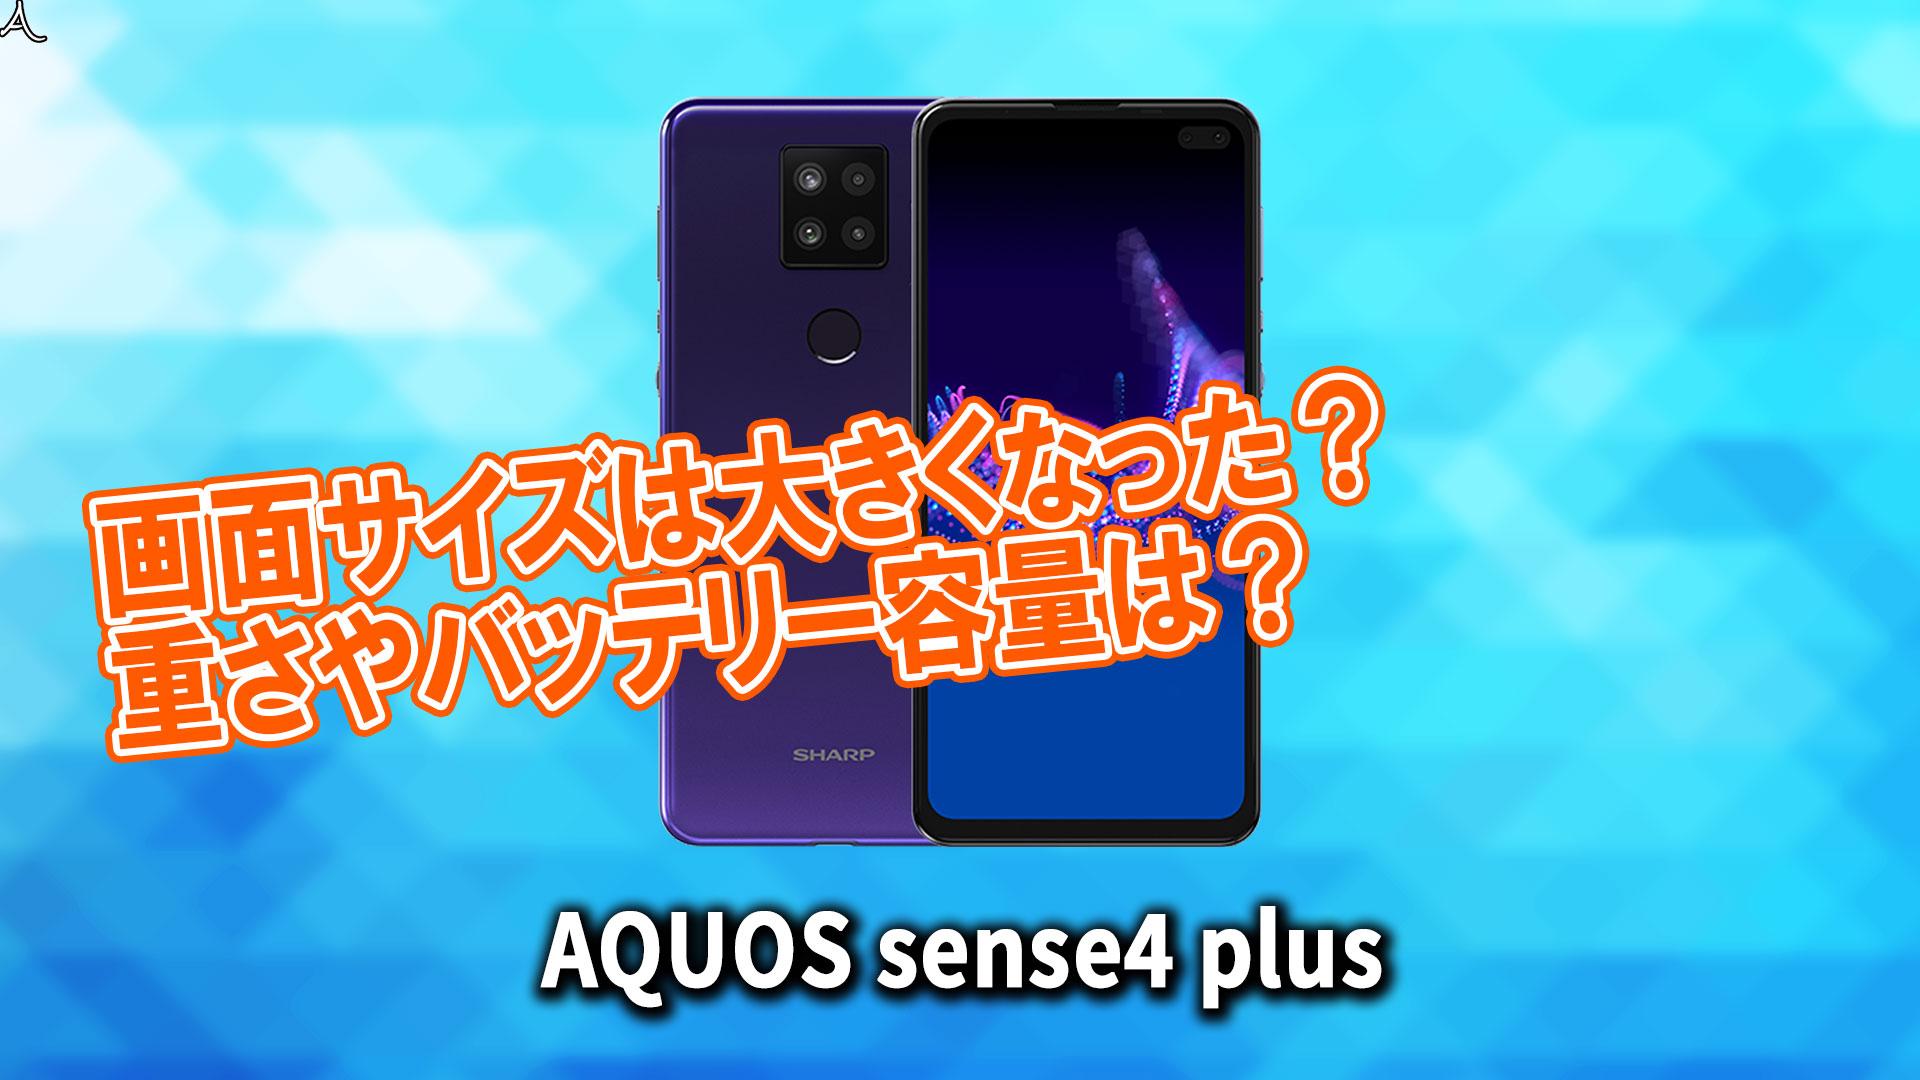 「AQUOS sense4 plus」のサイズや重さを他のスマホと細かく比較